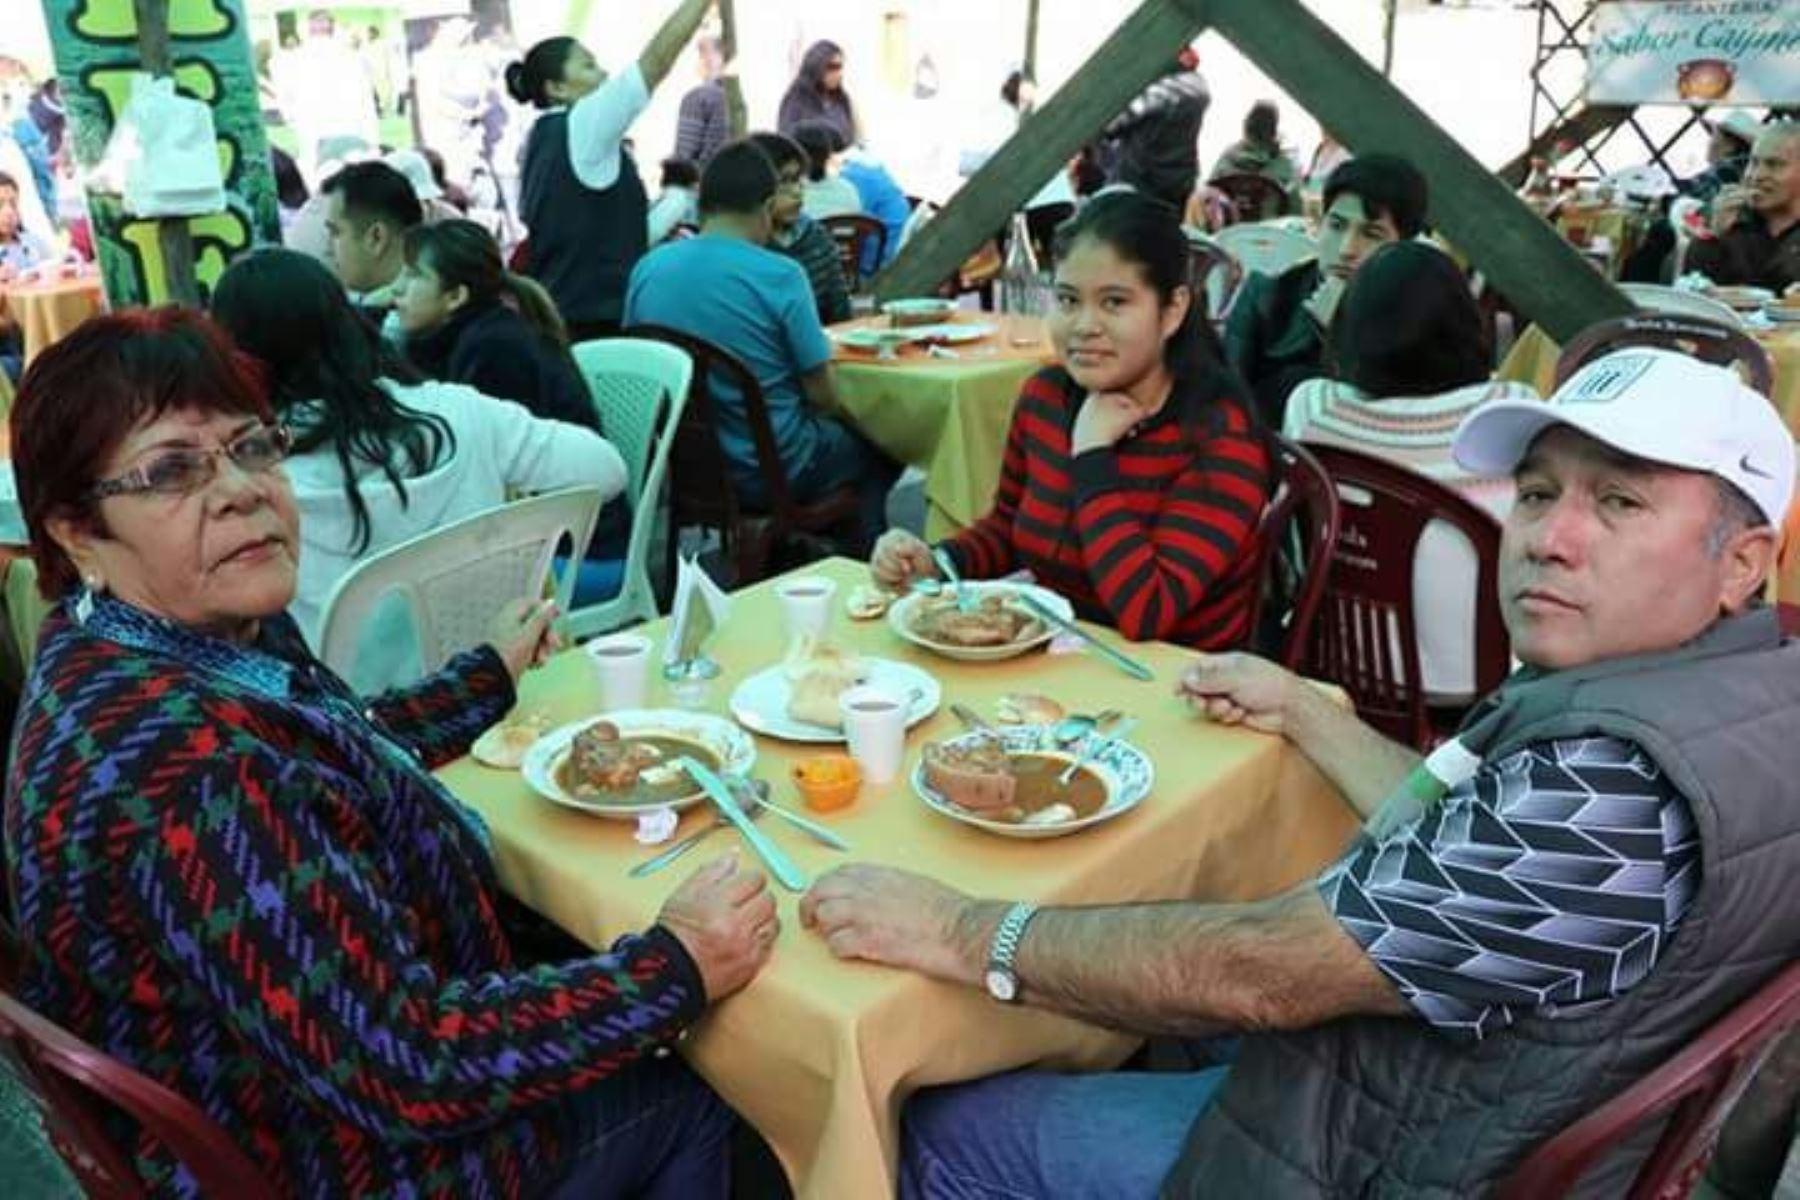 El público degusta el exquisito adobo arequipeño.